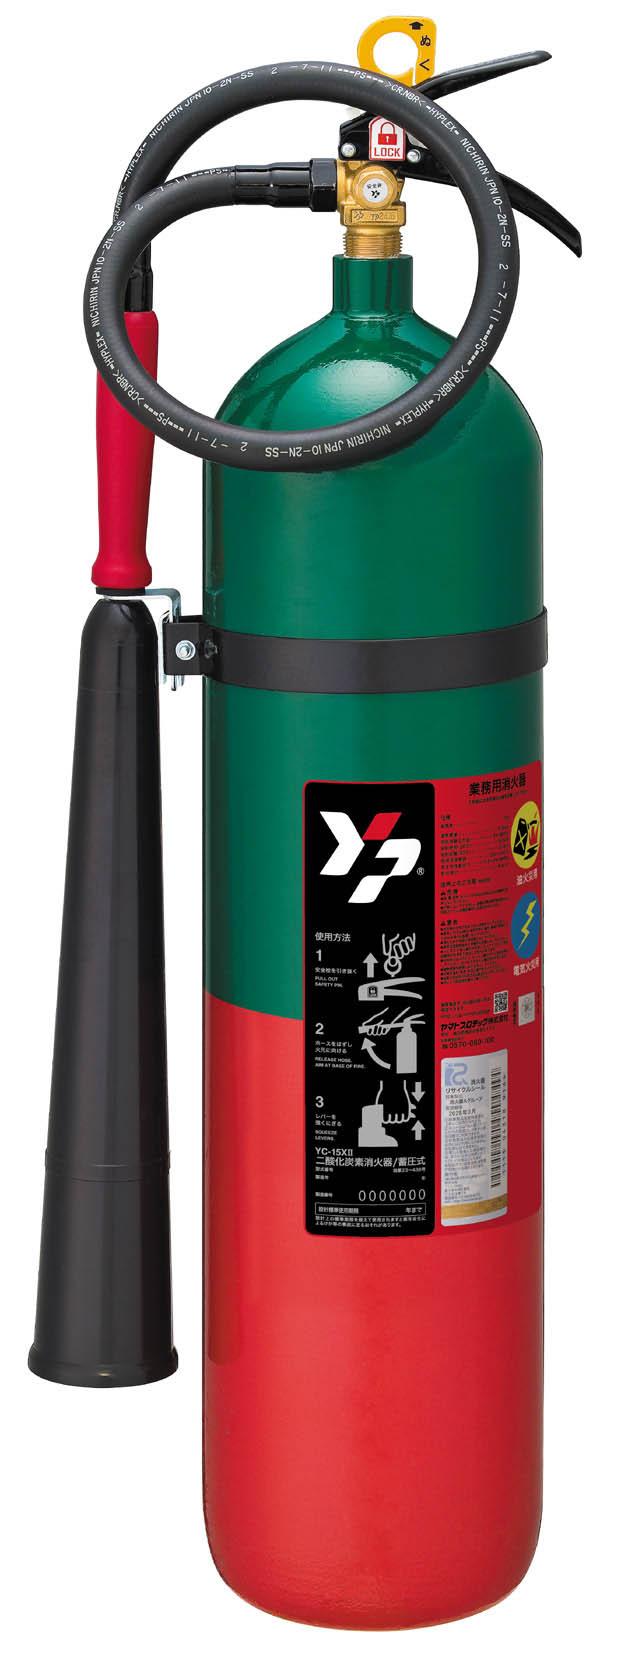 二酸化炭素消火器 YC-15XⅡ